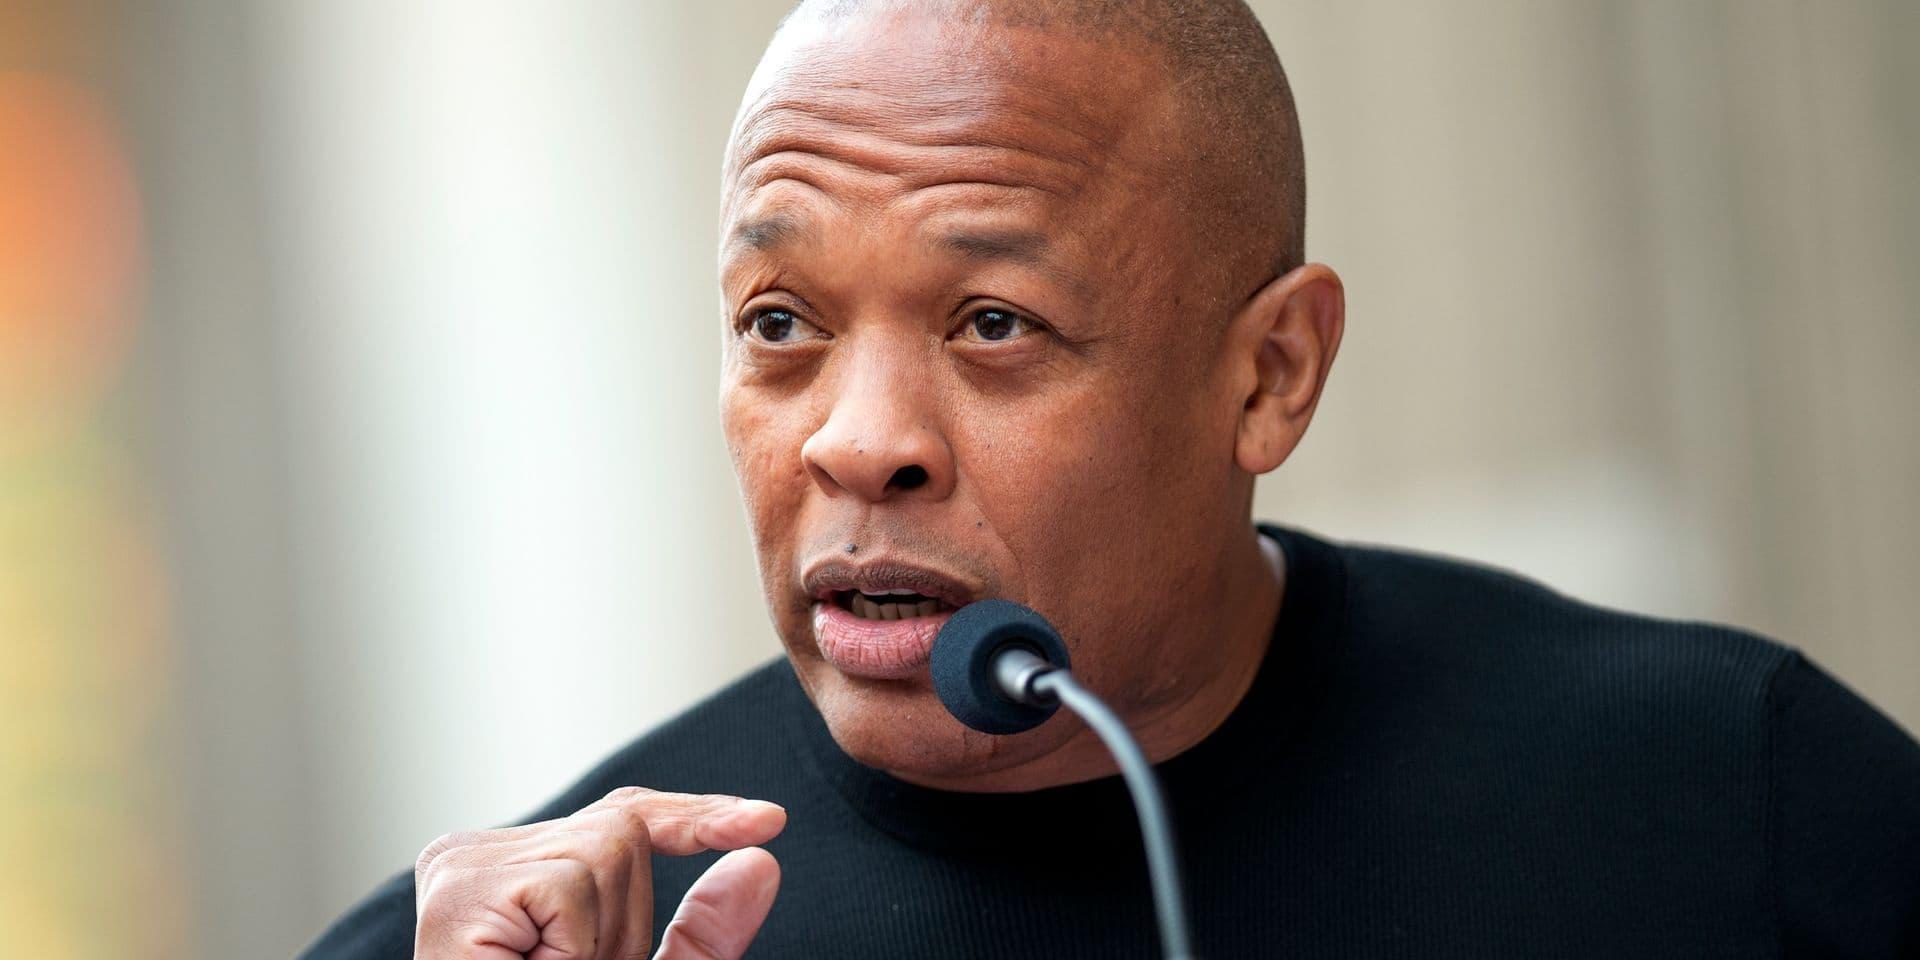 """Hospitalisé, le rappeur Dr. Dre rassure ses fans: """"Je vais bientôt rentrer chez moi"""""""